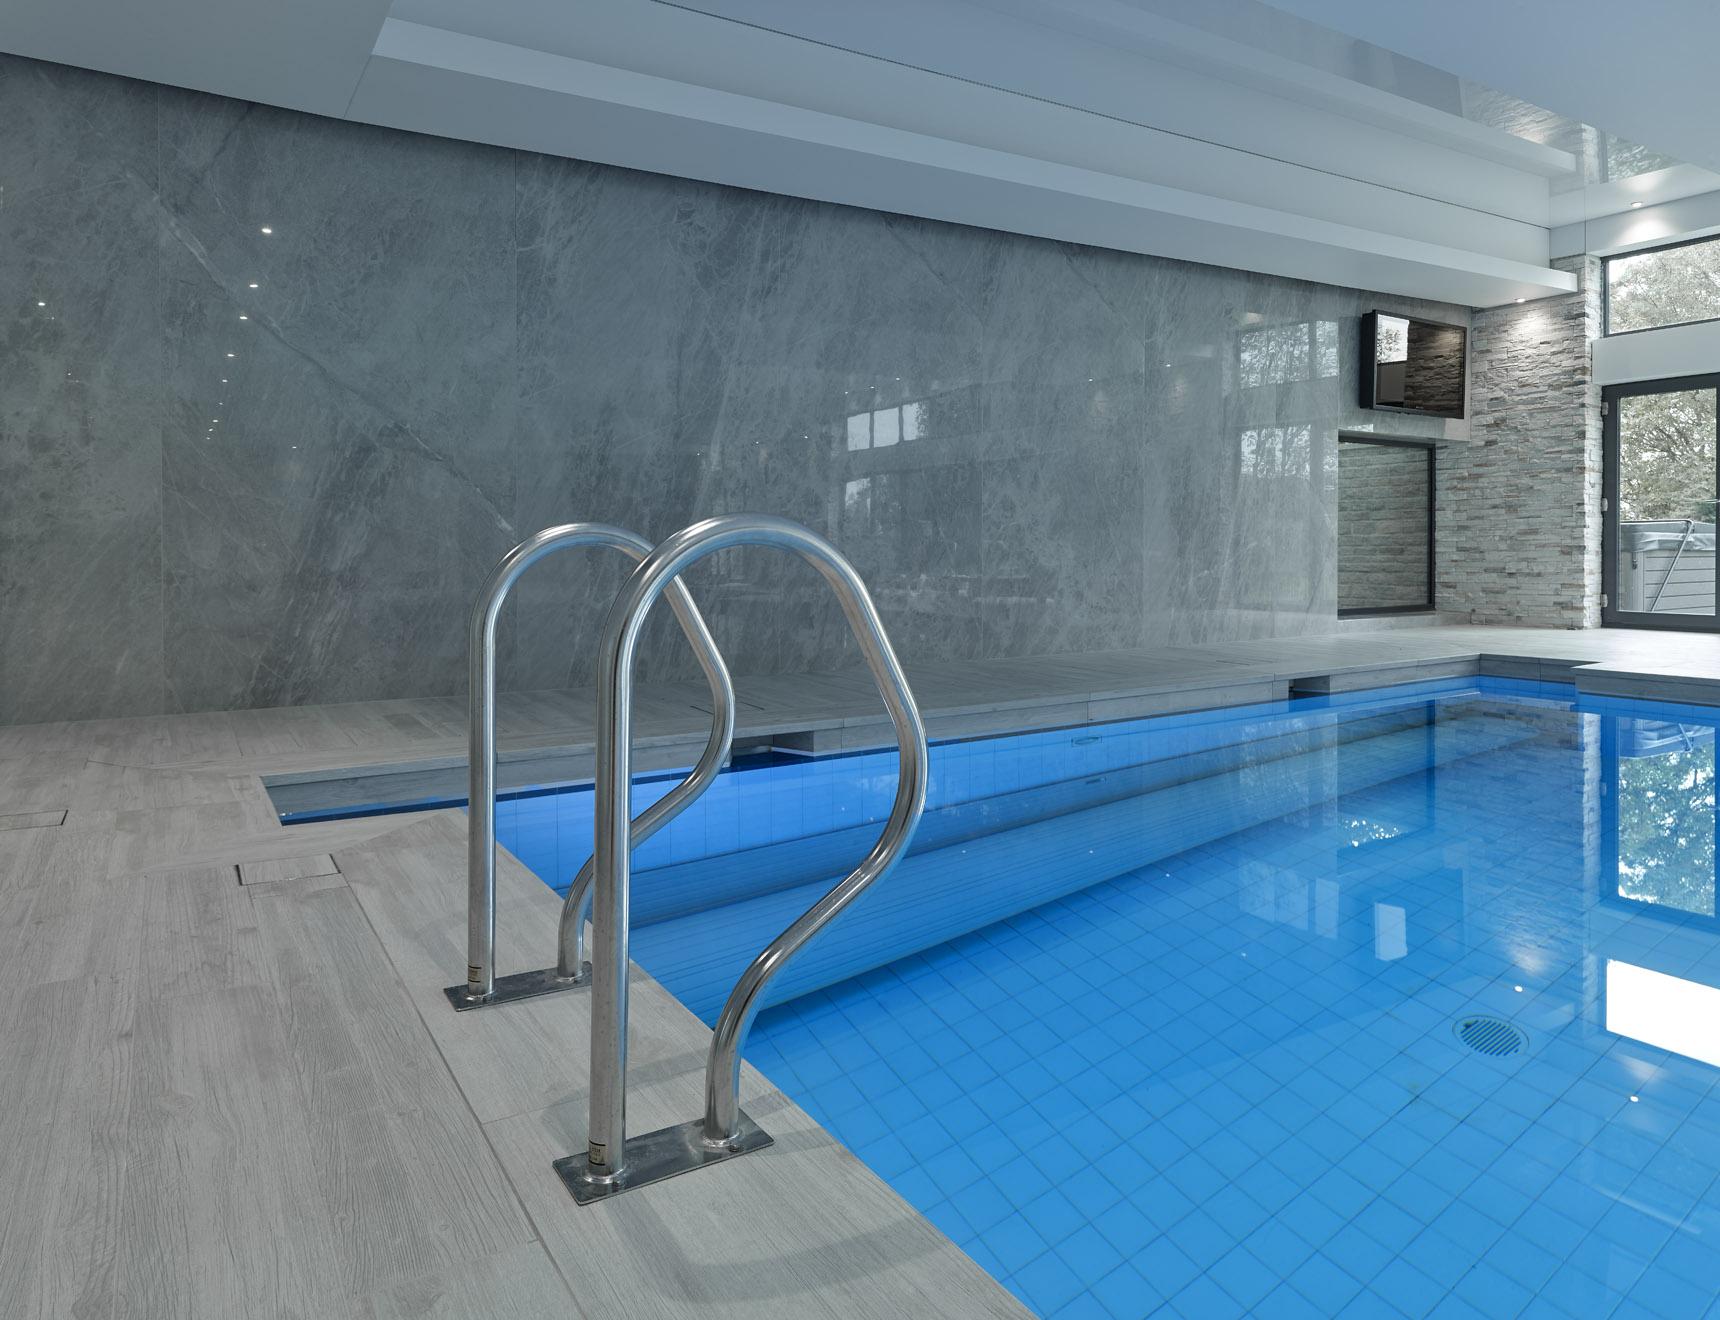 Waterproof Tv Pool Tv Kitchen Tv Bathroom Tv Jacuzzi Tv